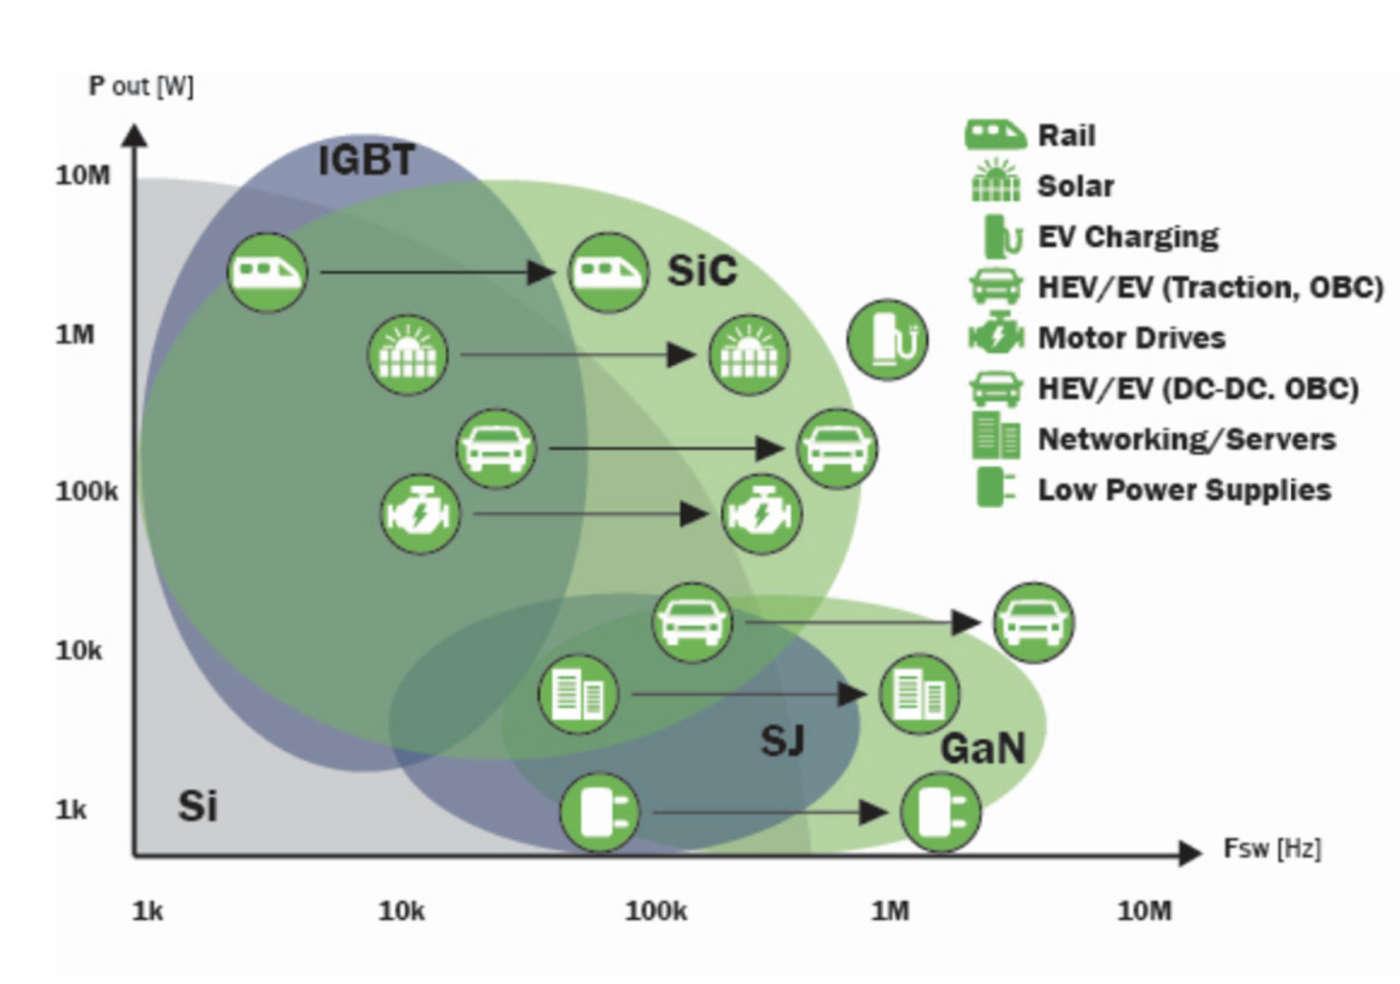 Rapporto tra potenza e frequenza di commutazione tra le varie soluzioni tecnologiche per le principali applicazioni di elettronica di potenza (Fonte: ON Semiconductor).